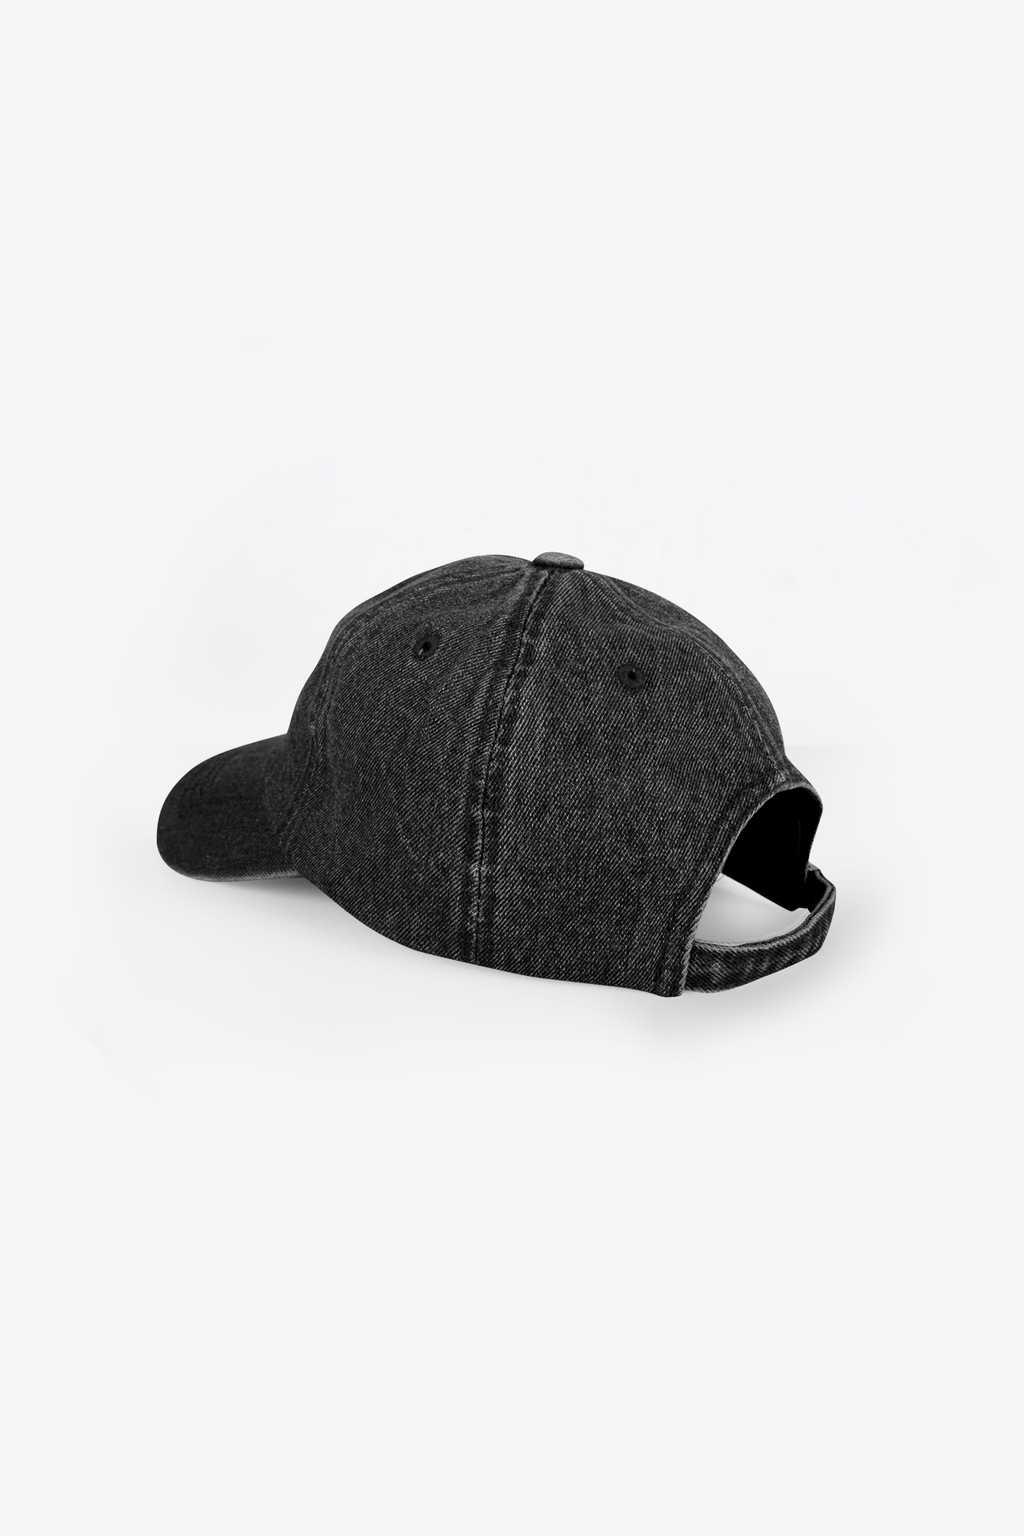 Hat H002 Black 8